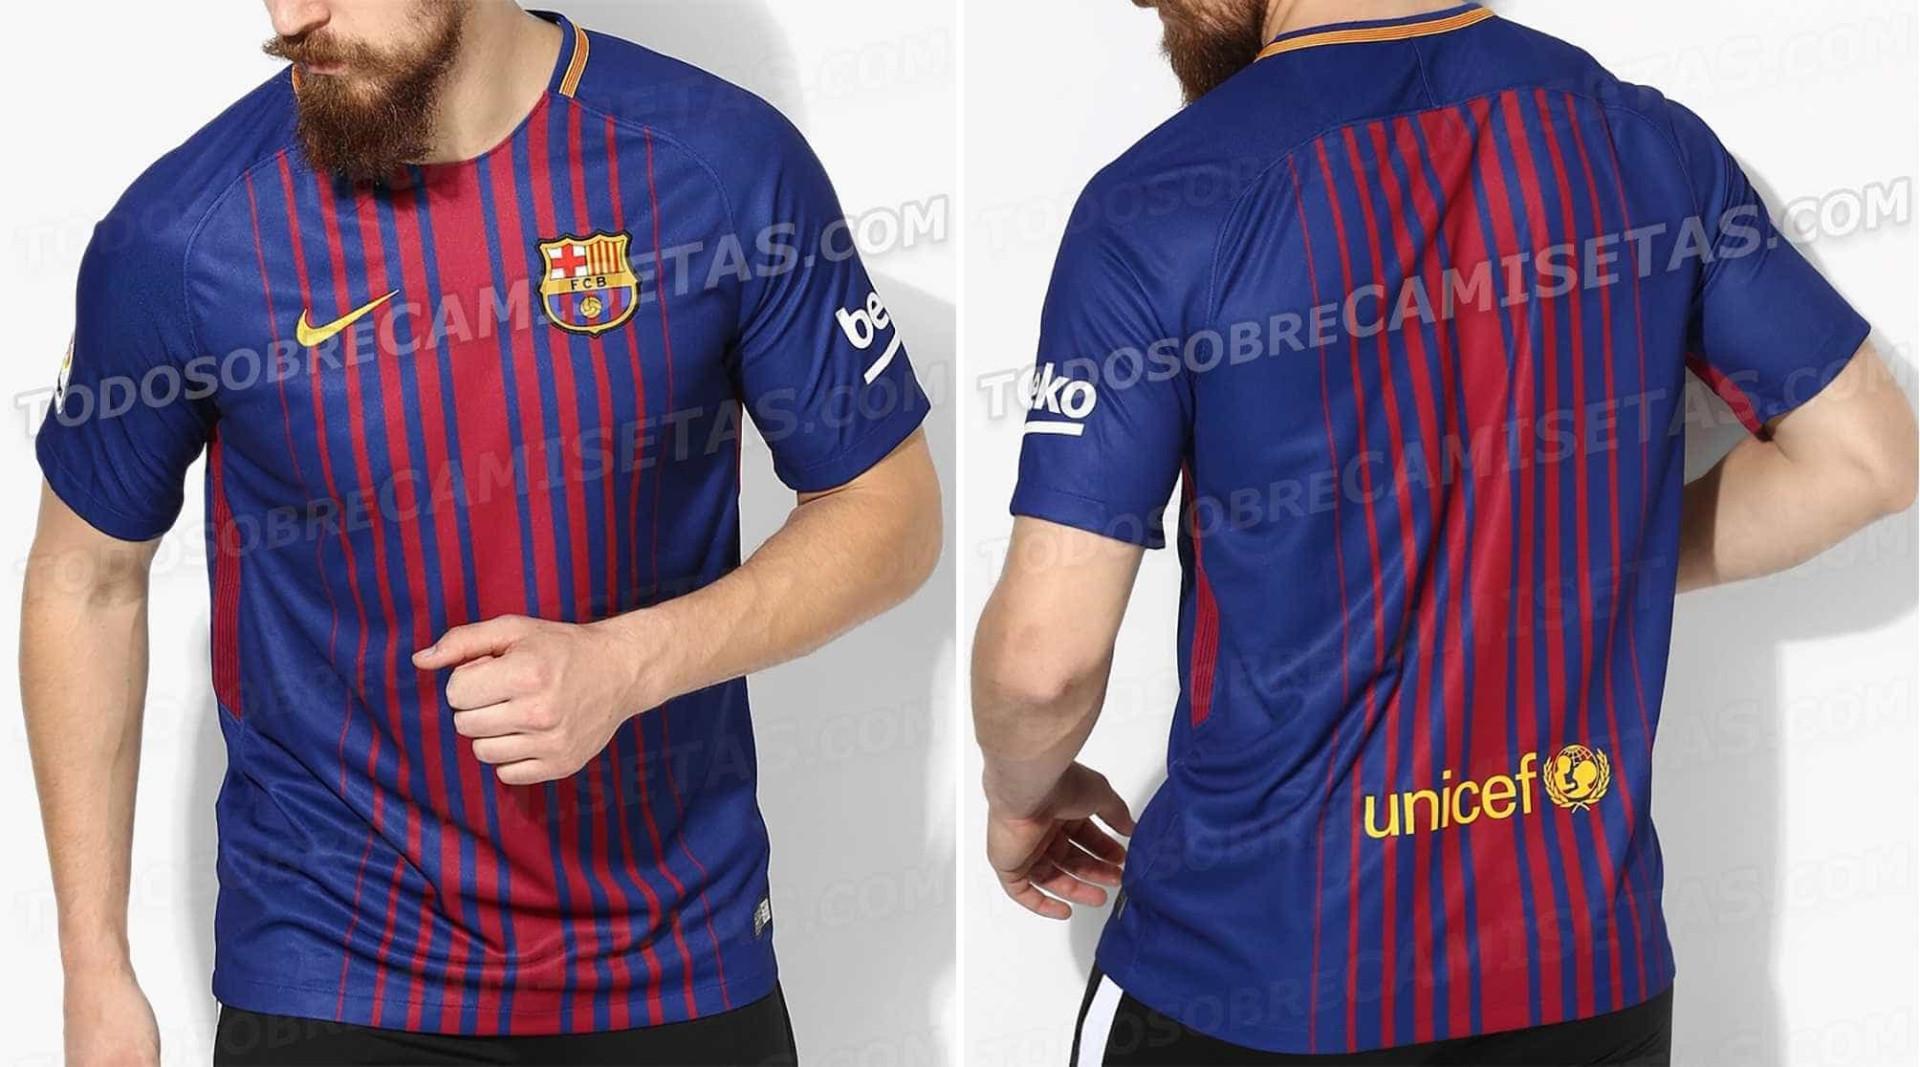 Vazam imagens da nova camisa do Barcelona; veja fotos!